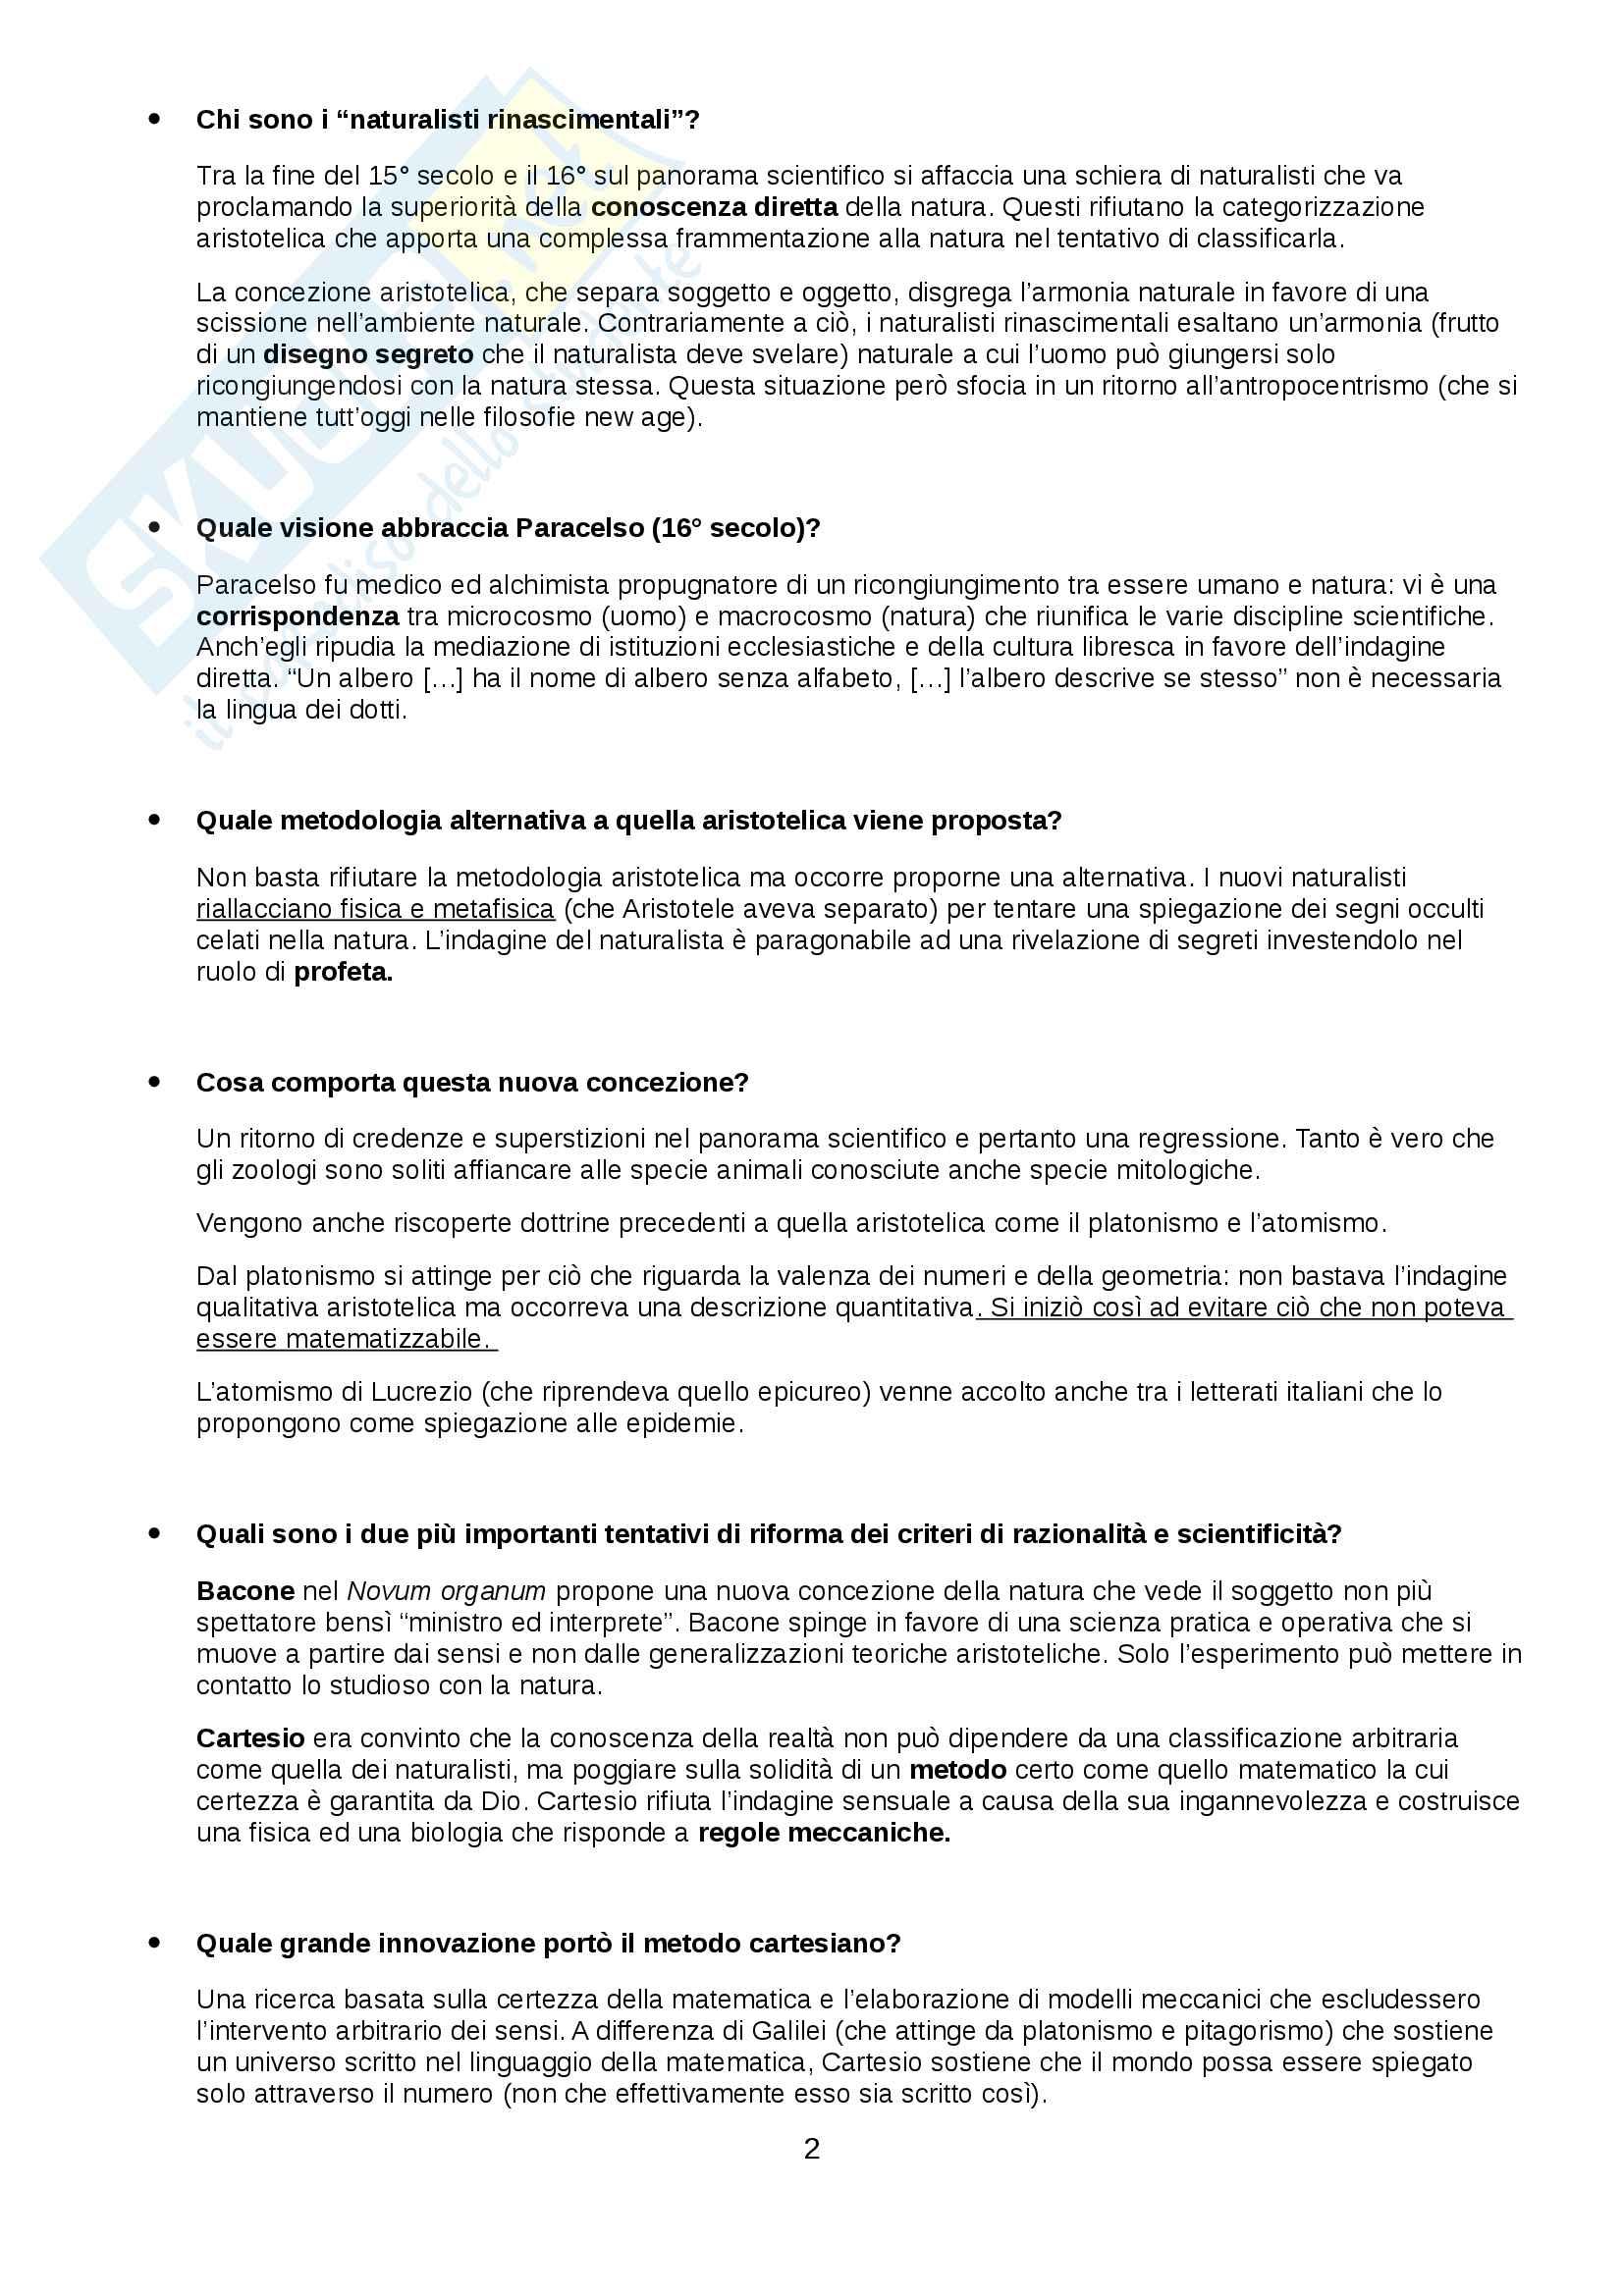 Storia della scienza - Marco Beretta Pag. 2